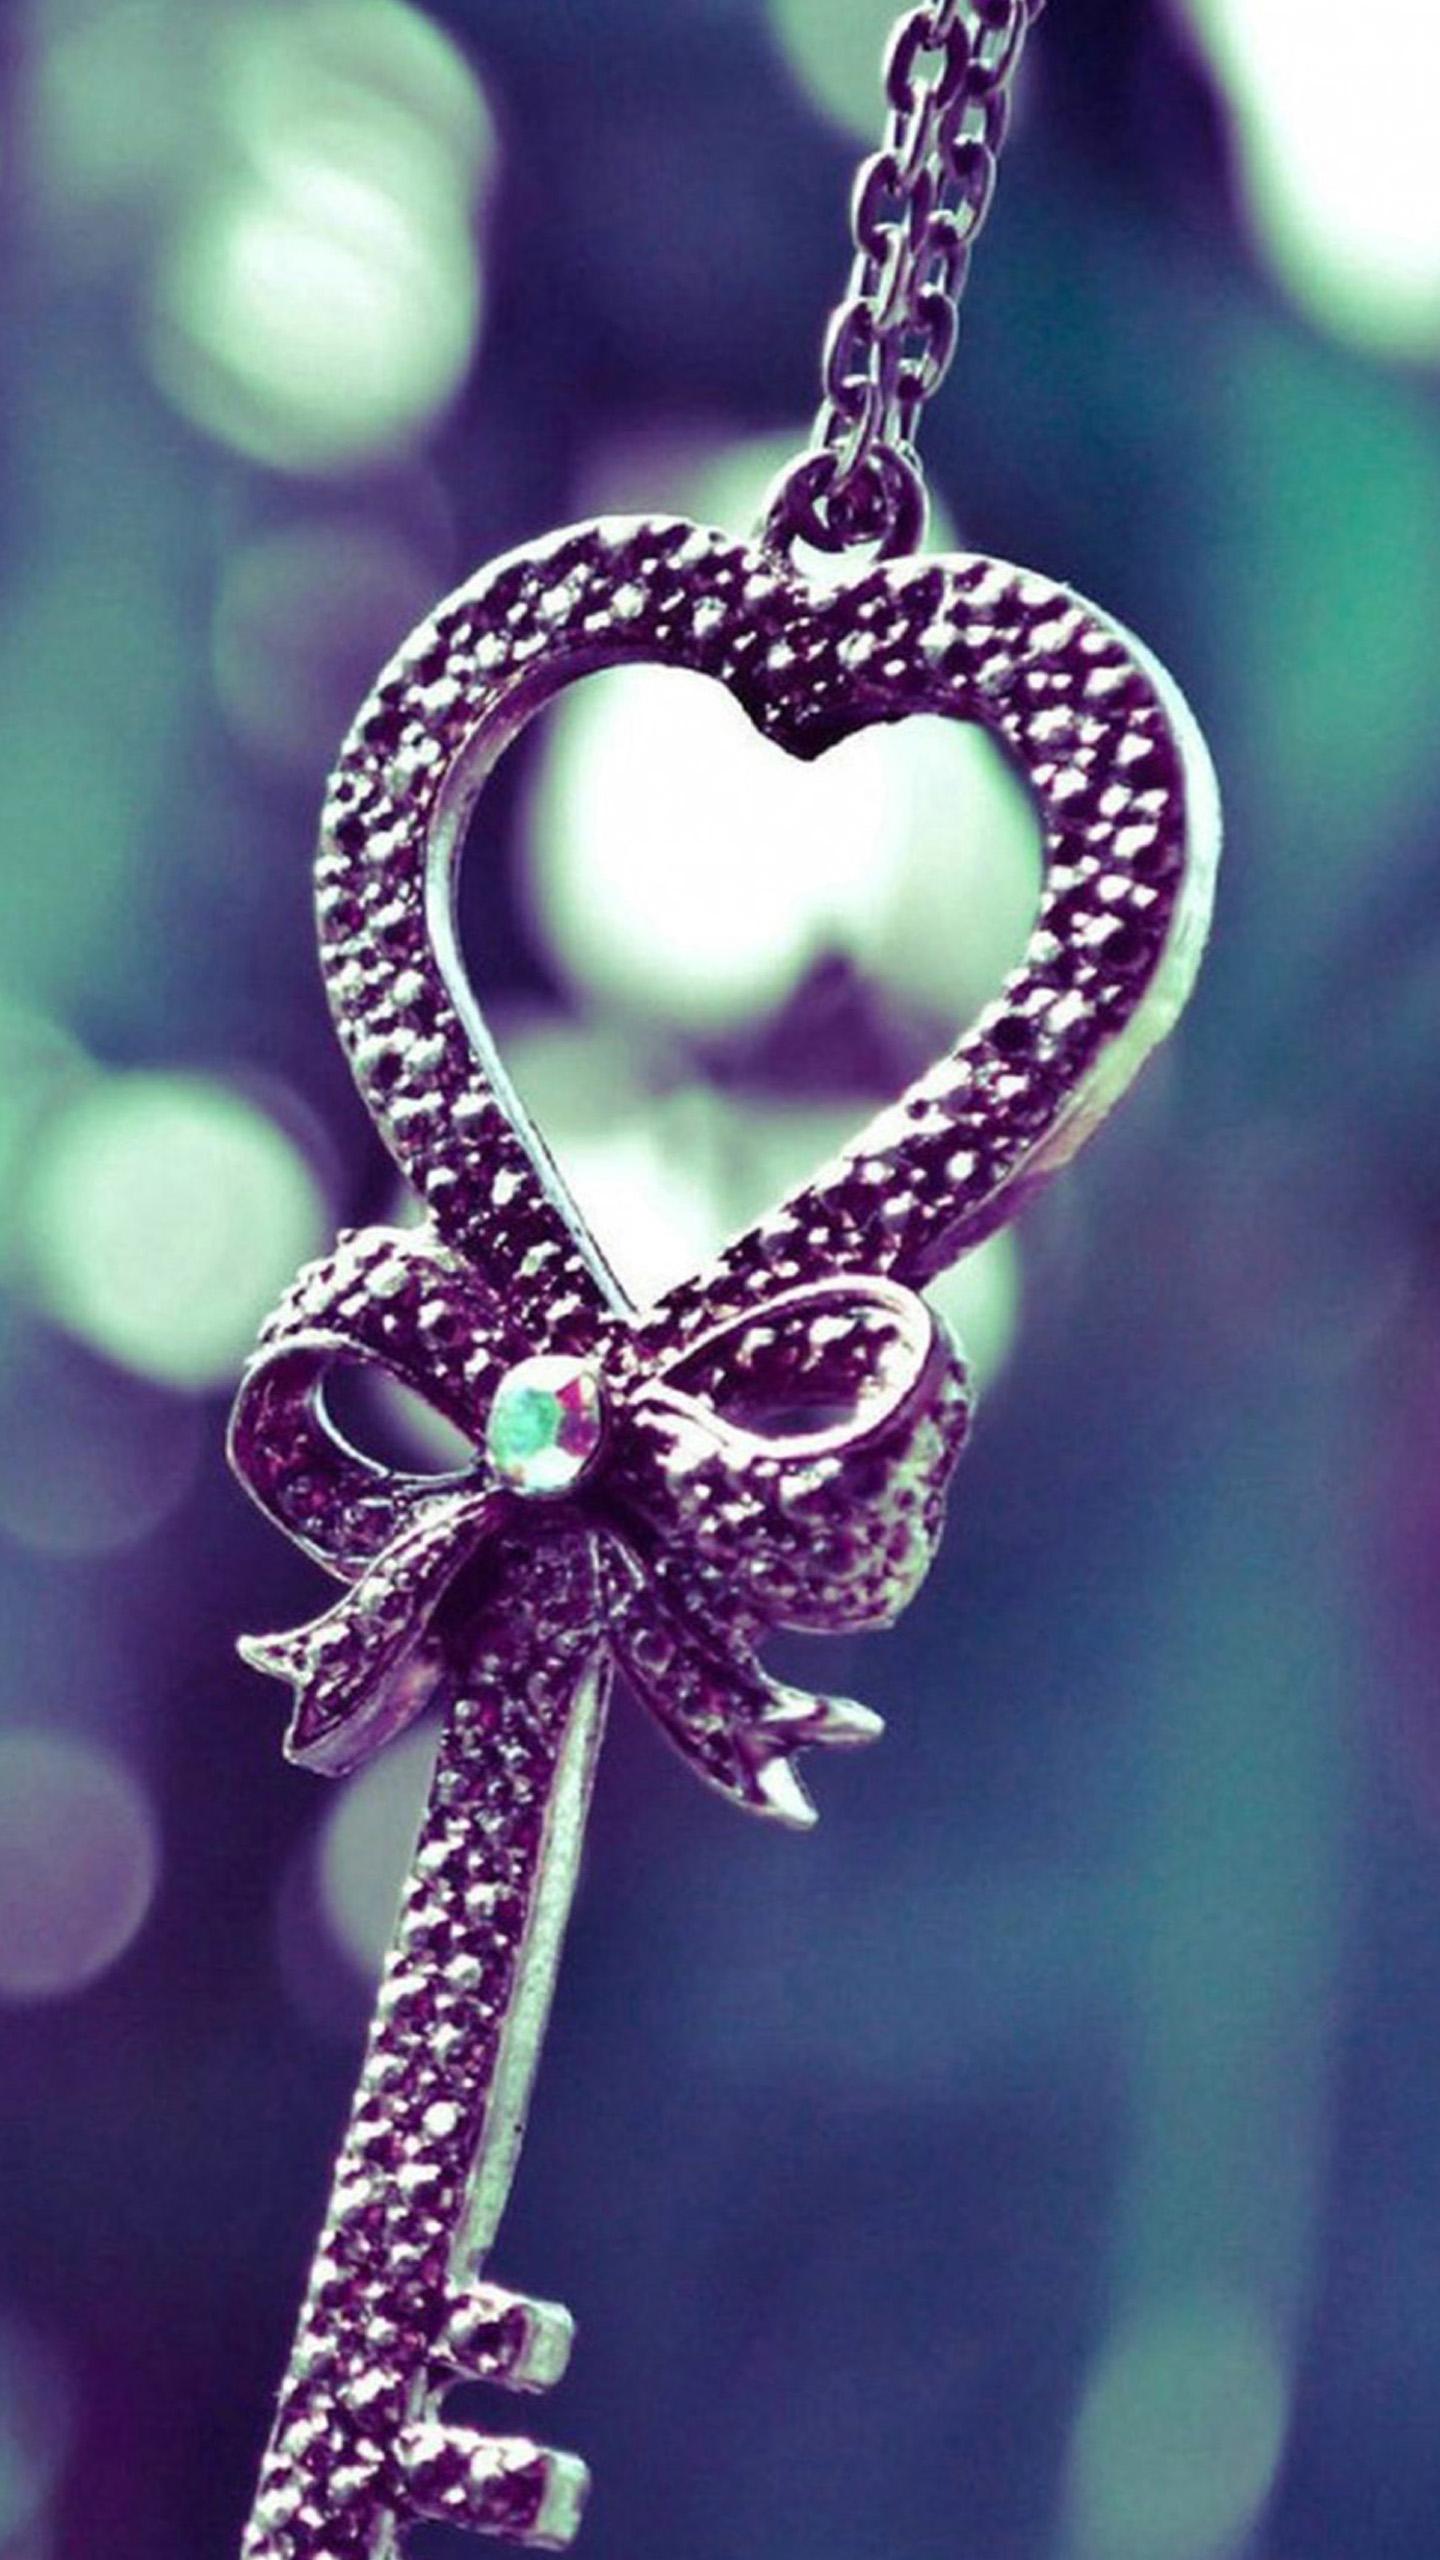 Красивые картинки для профиля ватсап любовные